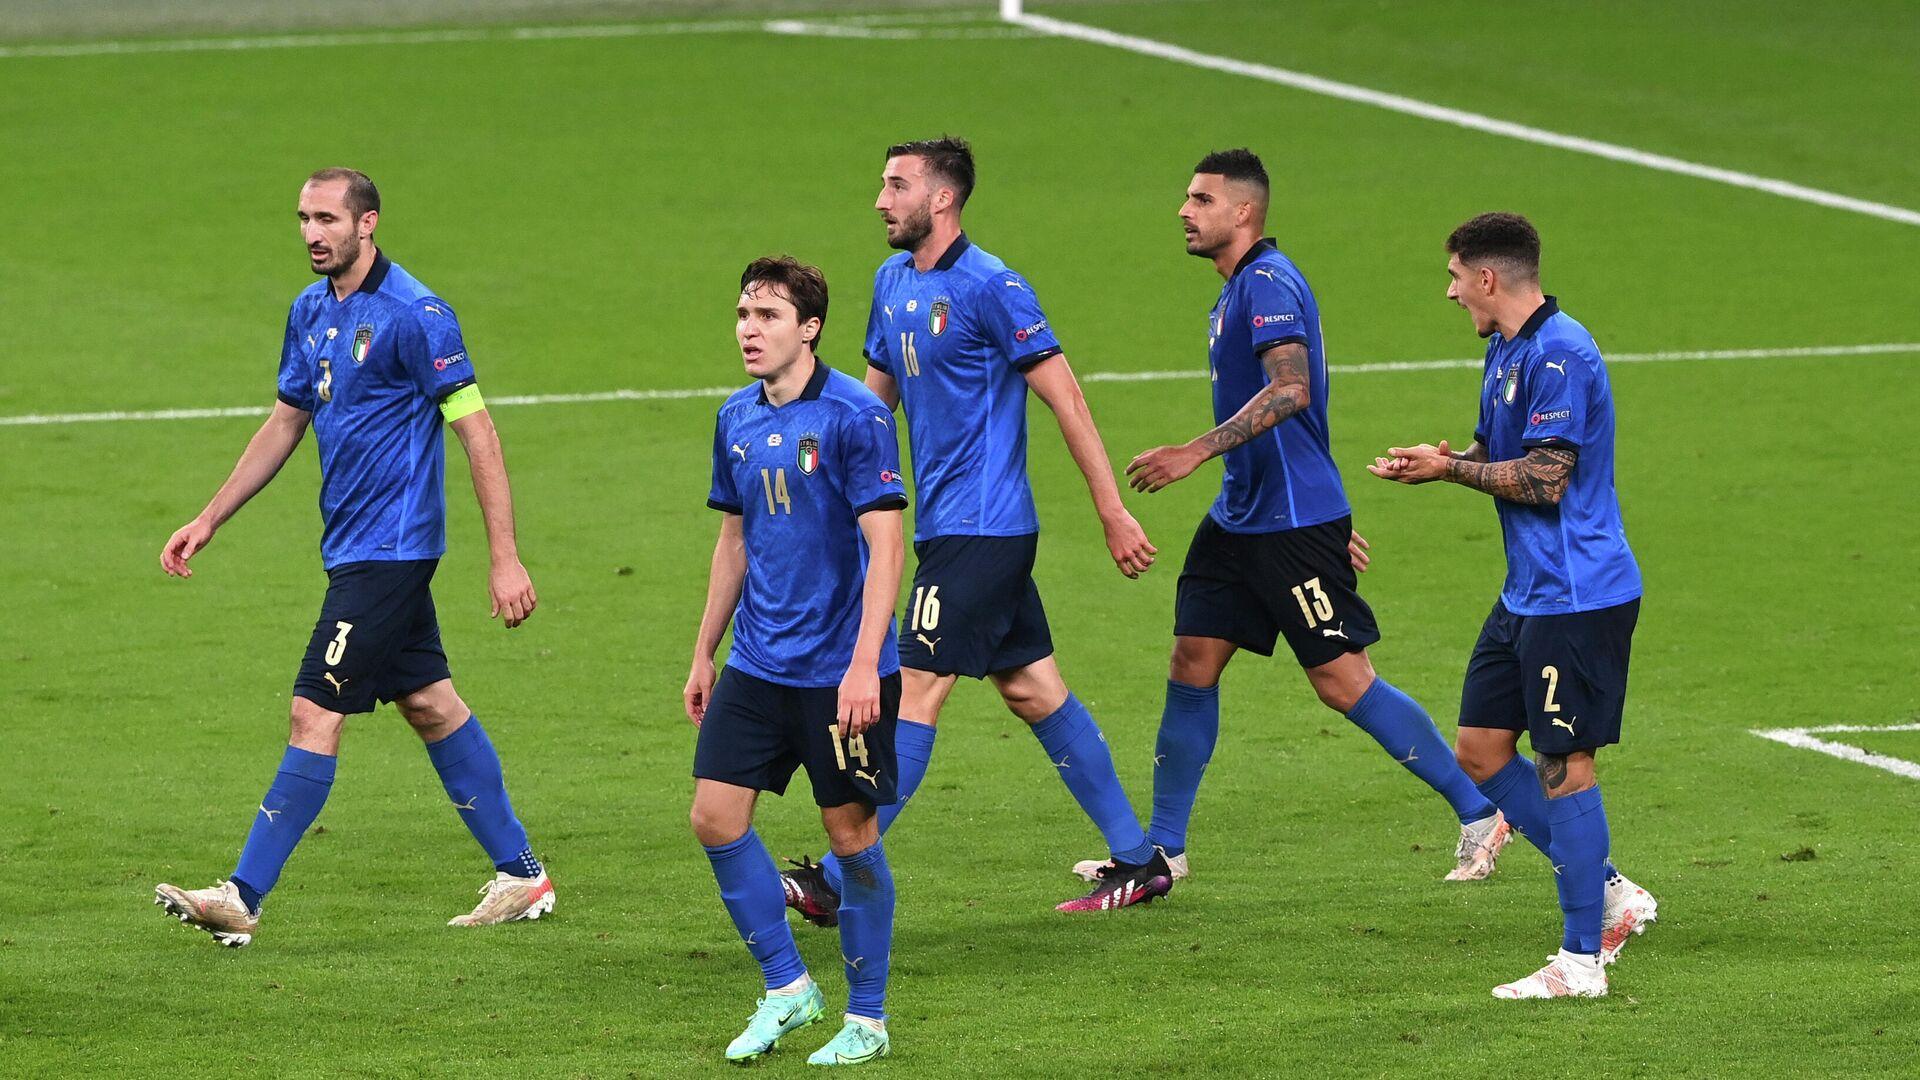 Сборная Италии в матче с командой Англии в финале ЕВРО-2020 - РИА Новости, 1920, 12.07.2021